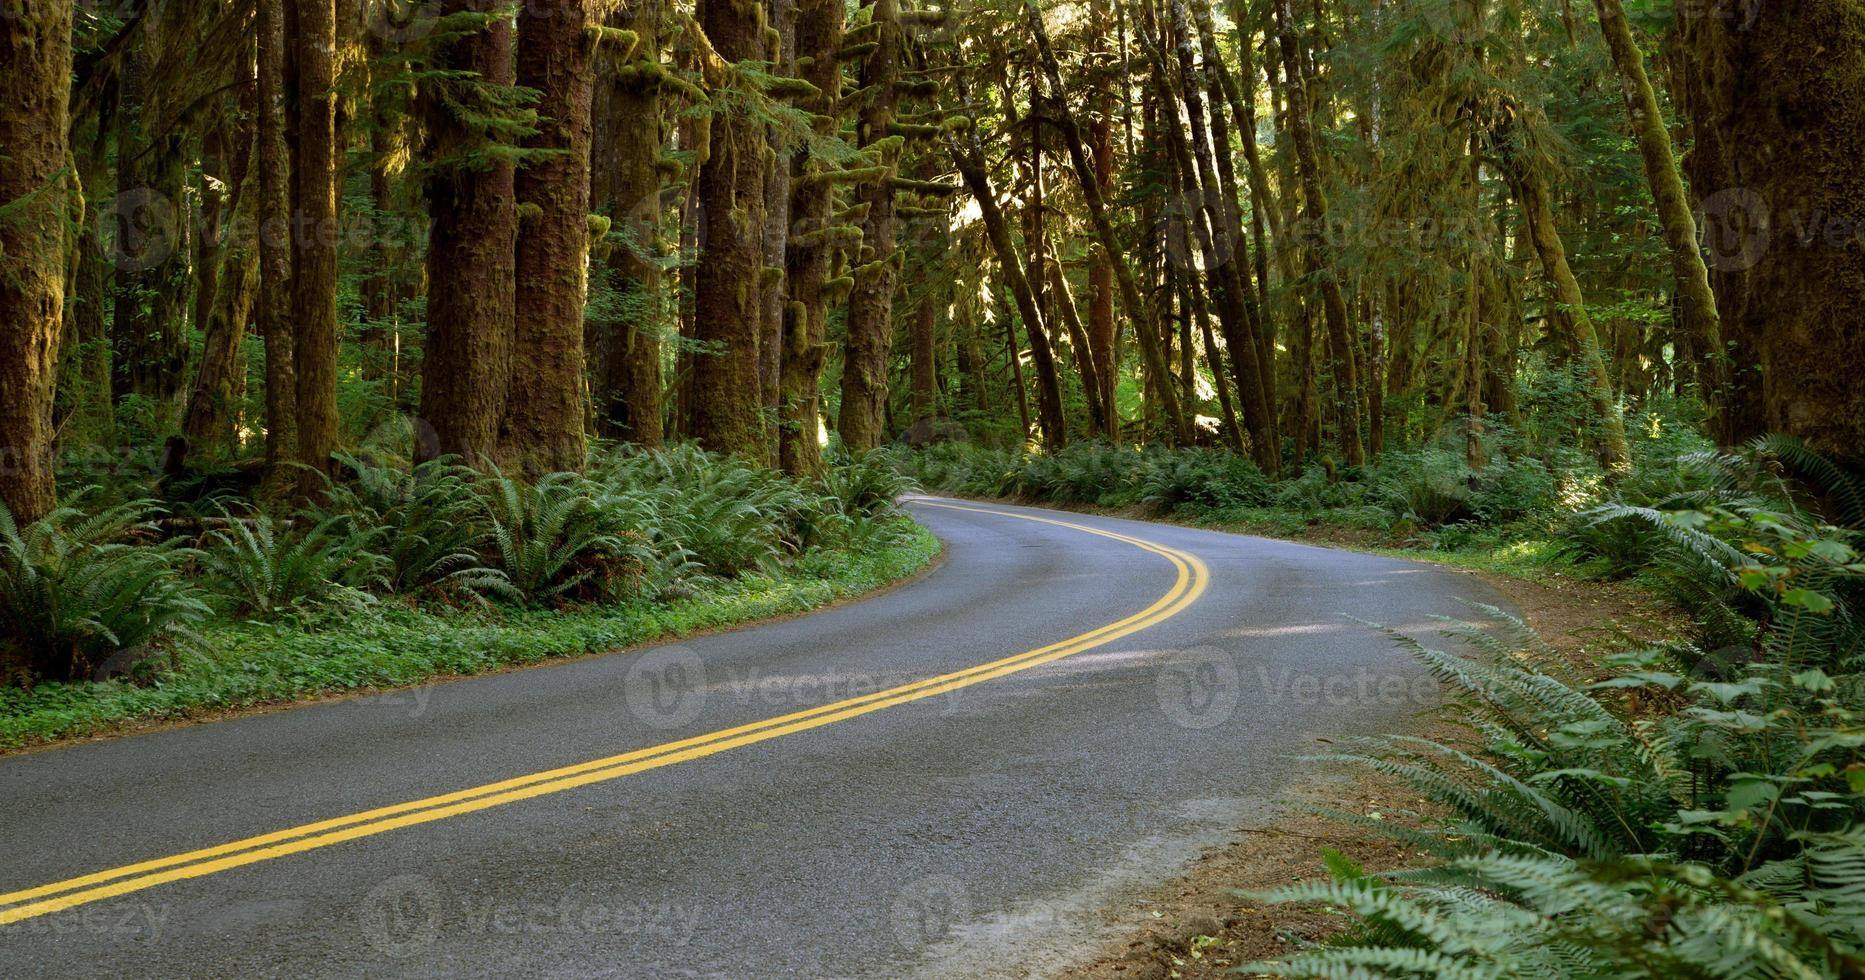 två körfält vägar skär genom regnskogen foto